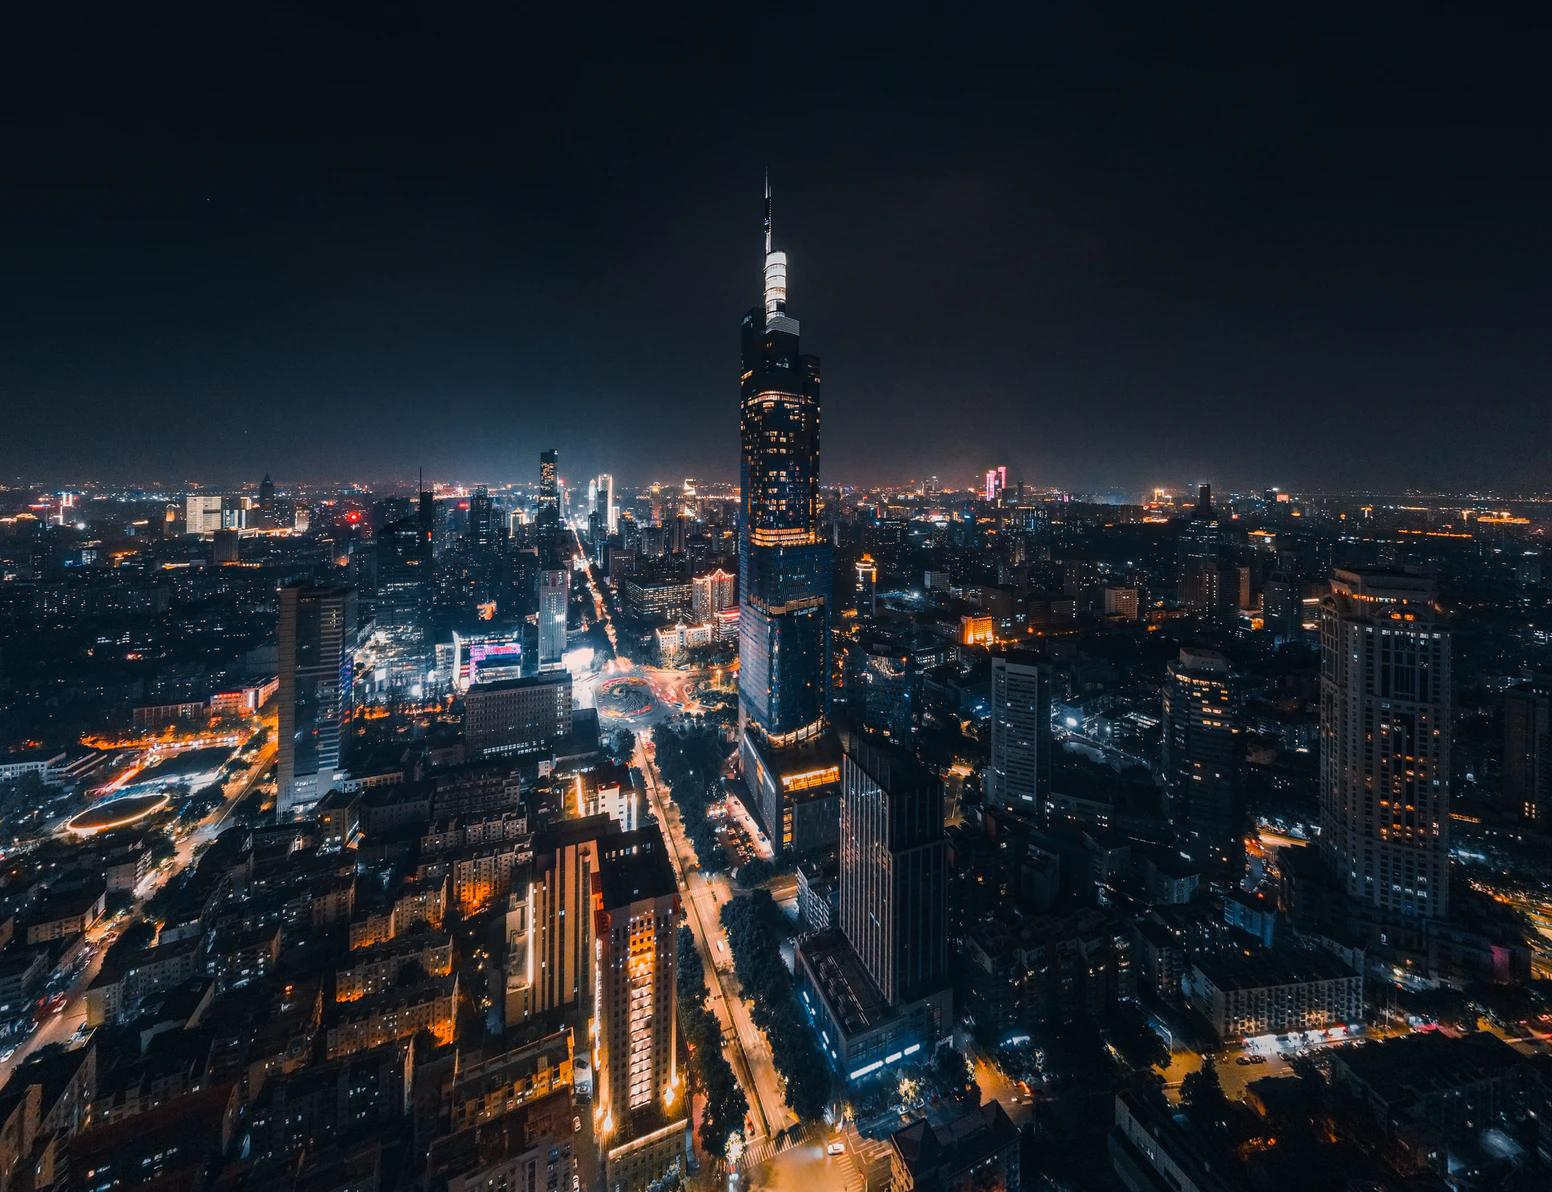 """万亿gdp_一季度广佛GDP总和8956亿元解码""""双万亿""""同城化城市亮眼表现"""